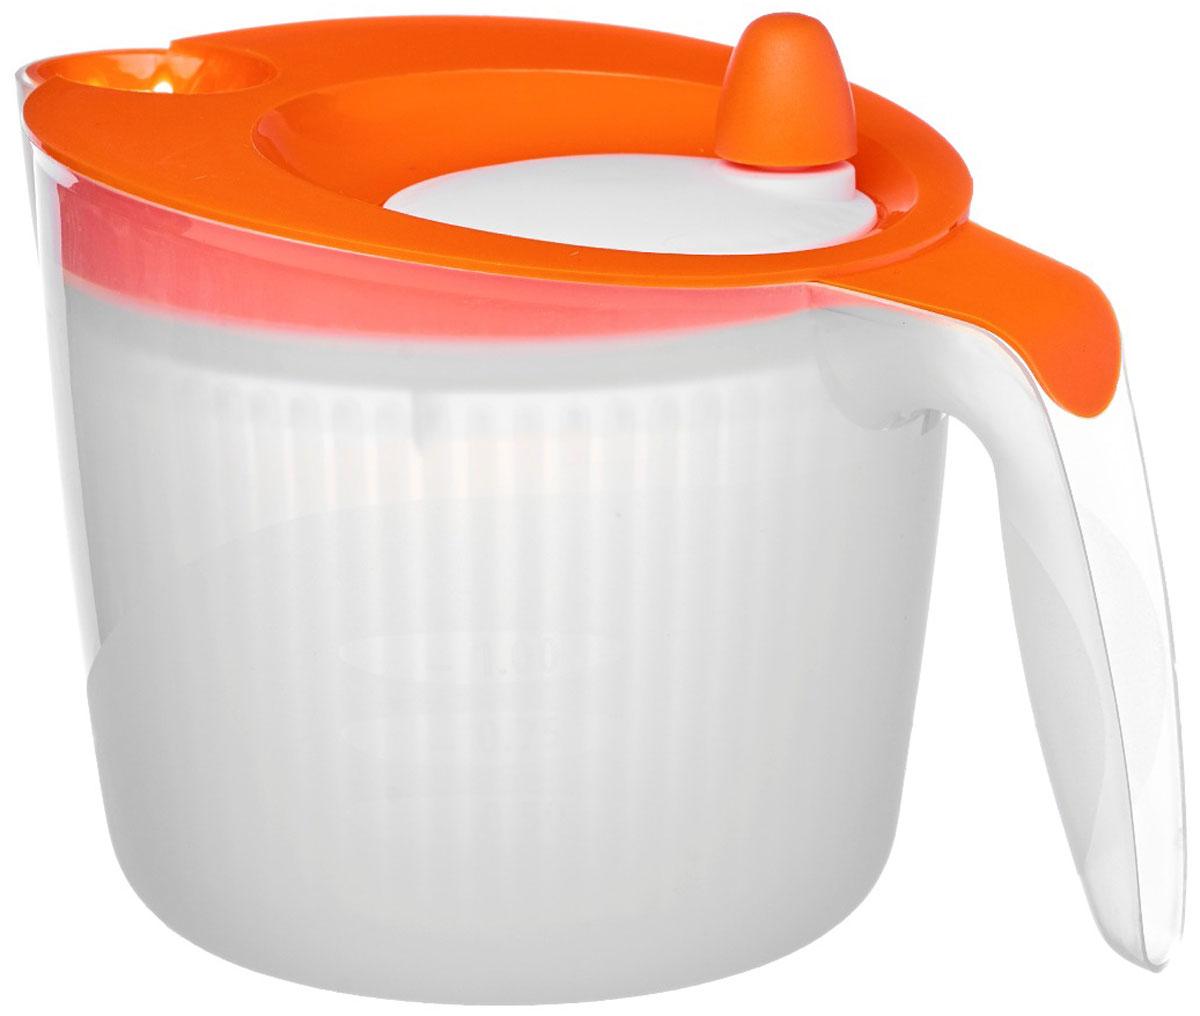 Сушилка для салата Walmer Rainbow, цвет: оранжевый, 1,8 лW26010018_оранжевыйСушилка для салата Walmer Rainbow - незаменимая вещь на кухне. Обсушивать в ней можно, конечно же, не только салат, но любую зелень: петрушку, укроп, перья лука, рукколу. Объем сушилки - 1,8 литра, а значит, вы сможете высушить за раз большой пучок зелени. Внутри сушилки находится вращающаяся сетчатая емкость. На крышке - ручка, которая эту емкость раскручивает. Положите зелень в сушилку, закройте крышку и прокрутите несколько раз ручку. Центрифуга внутри раскрутится и буквально стряхнет всю влагу с зелени.Сушилка для салата Walmer Rainbow непременно понравится каждой хозяйке.